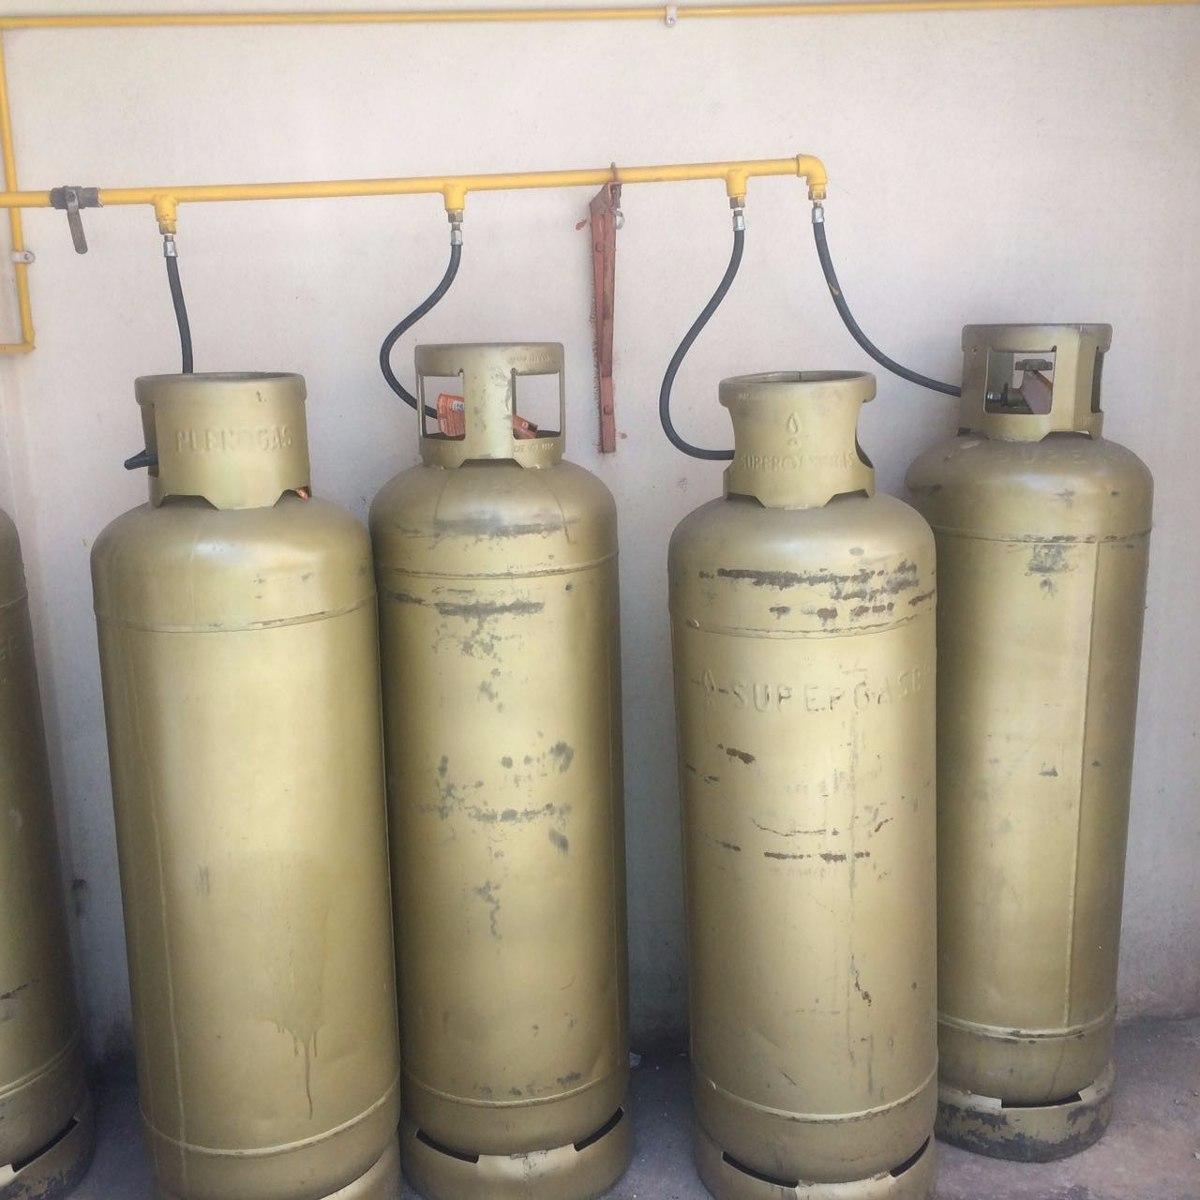 Botij o cilindro de g s glp 45kg r 330 00 em mercado livre for Valor cilindro de gas